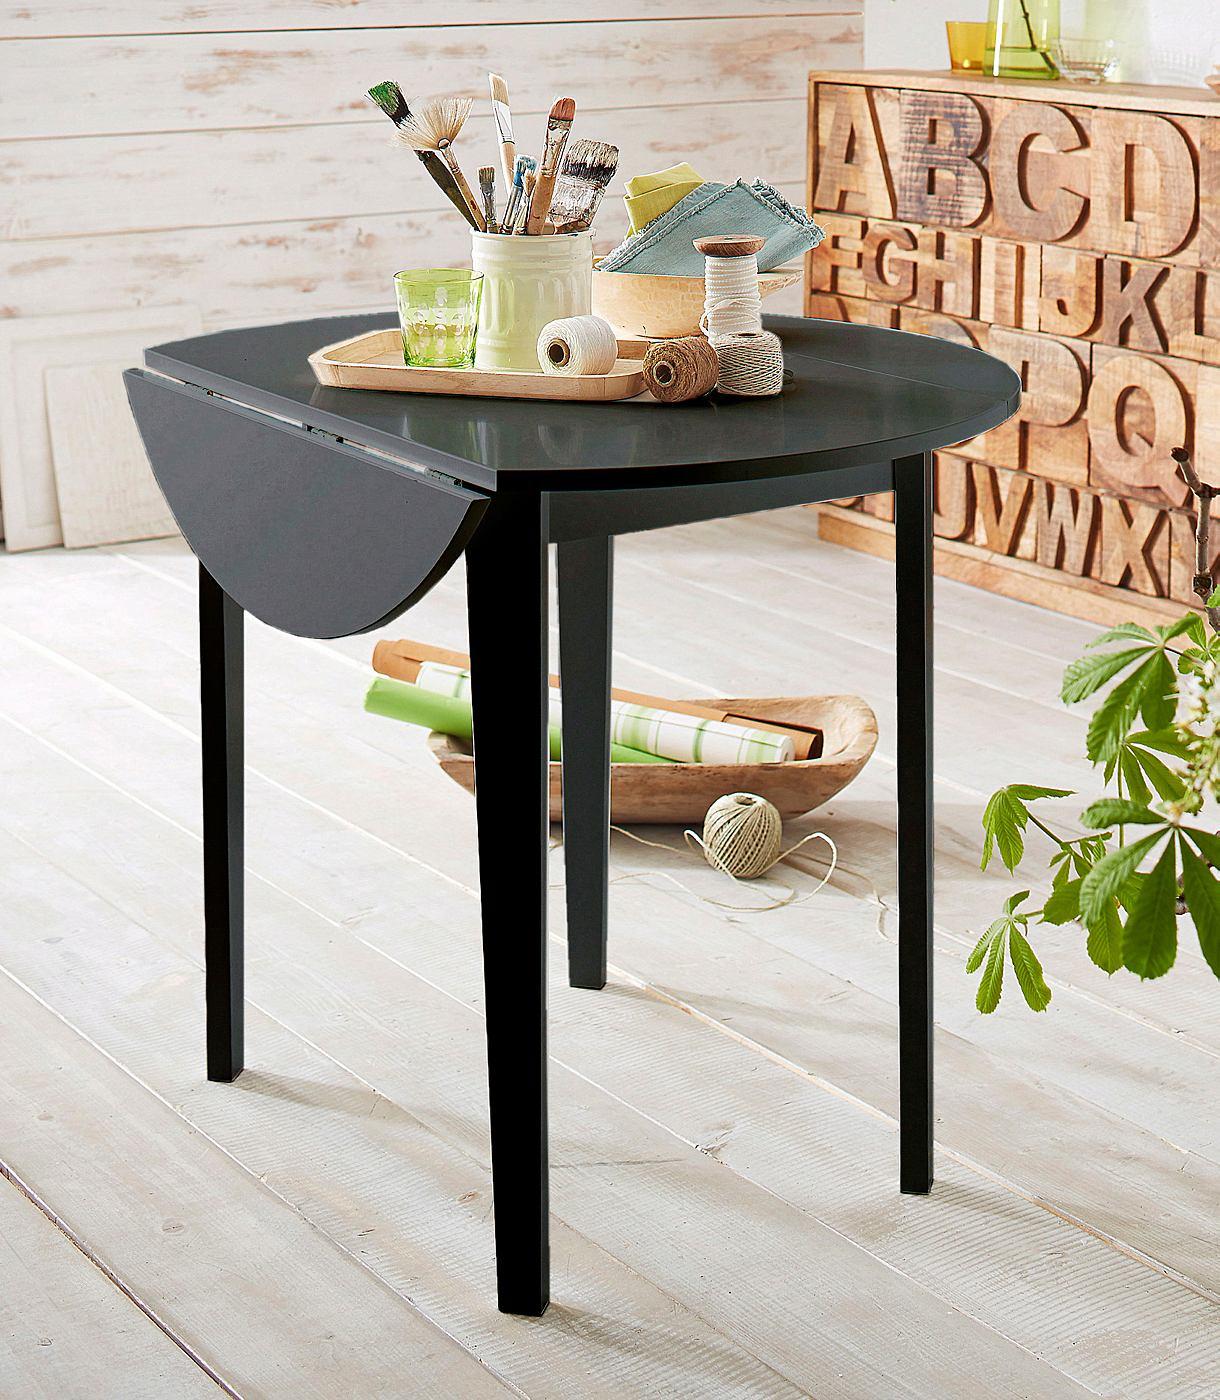 Home affaire Esstisch rund 92 cm, mit abklappbaren Seitenteilen, schwarz